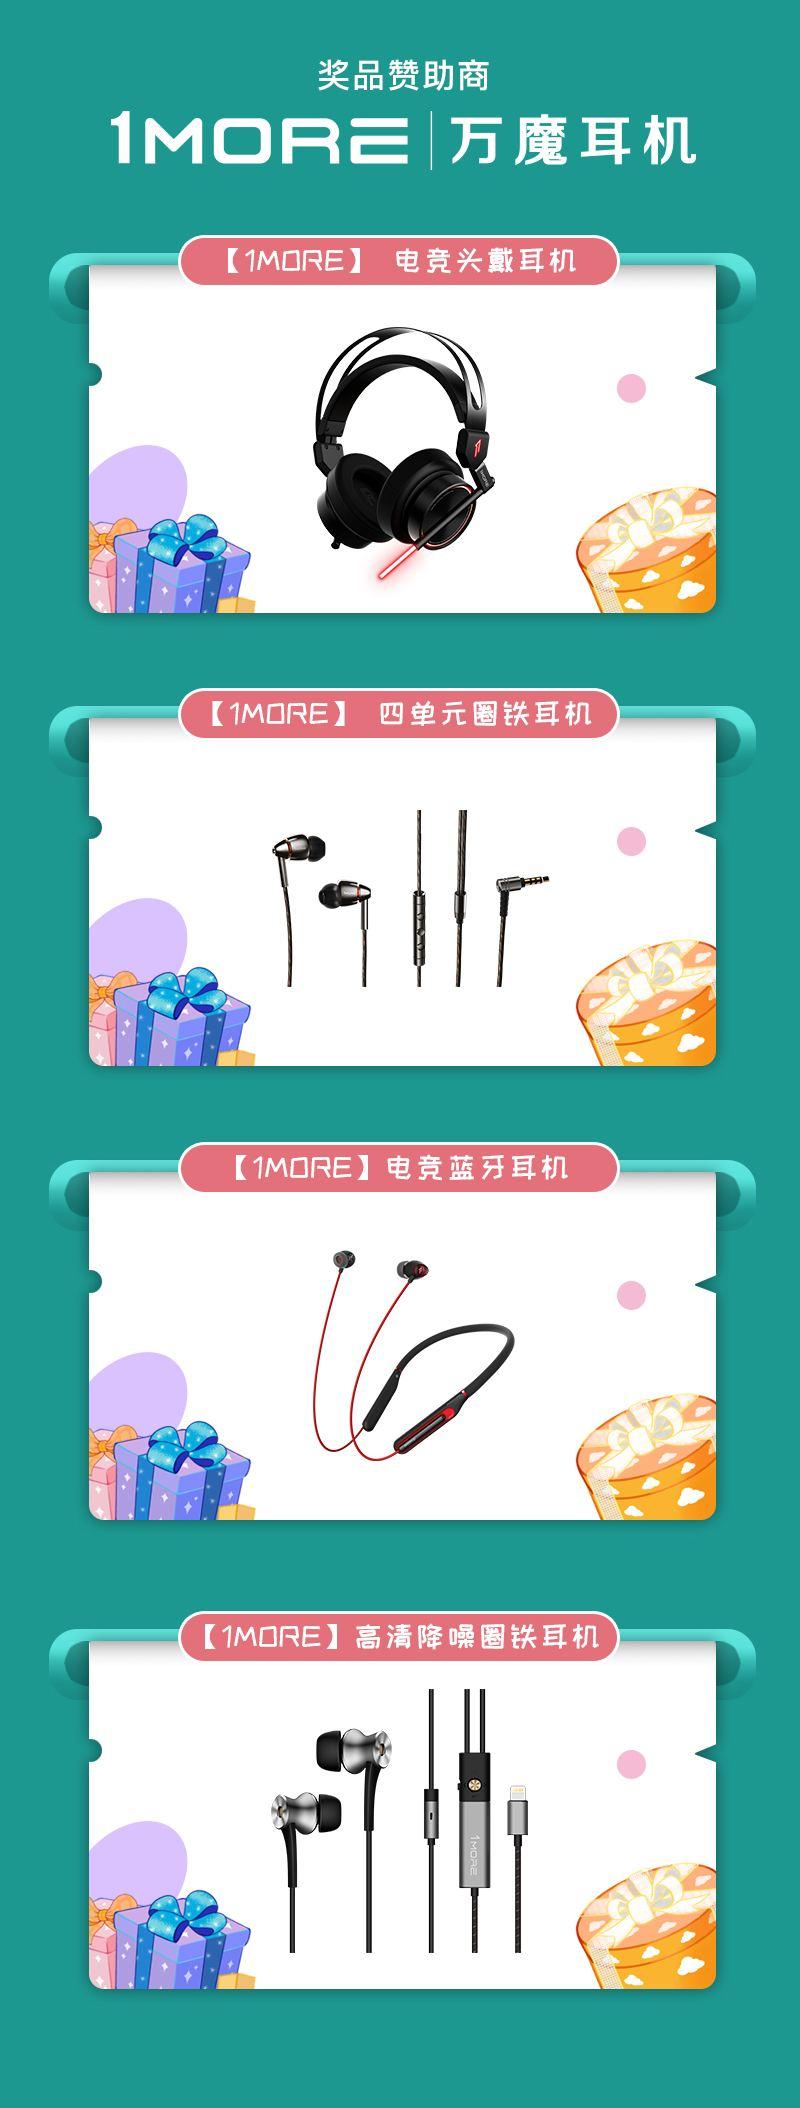 2019 ChinaJoy 封面大赛第五周评委推荐选手揭晓